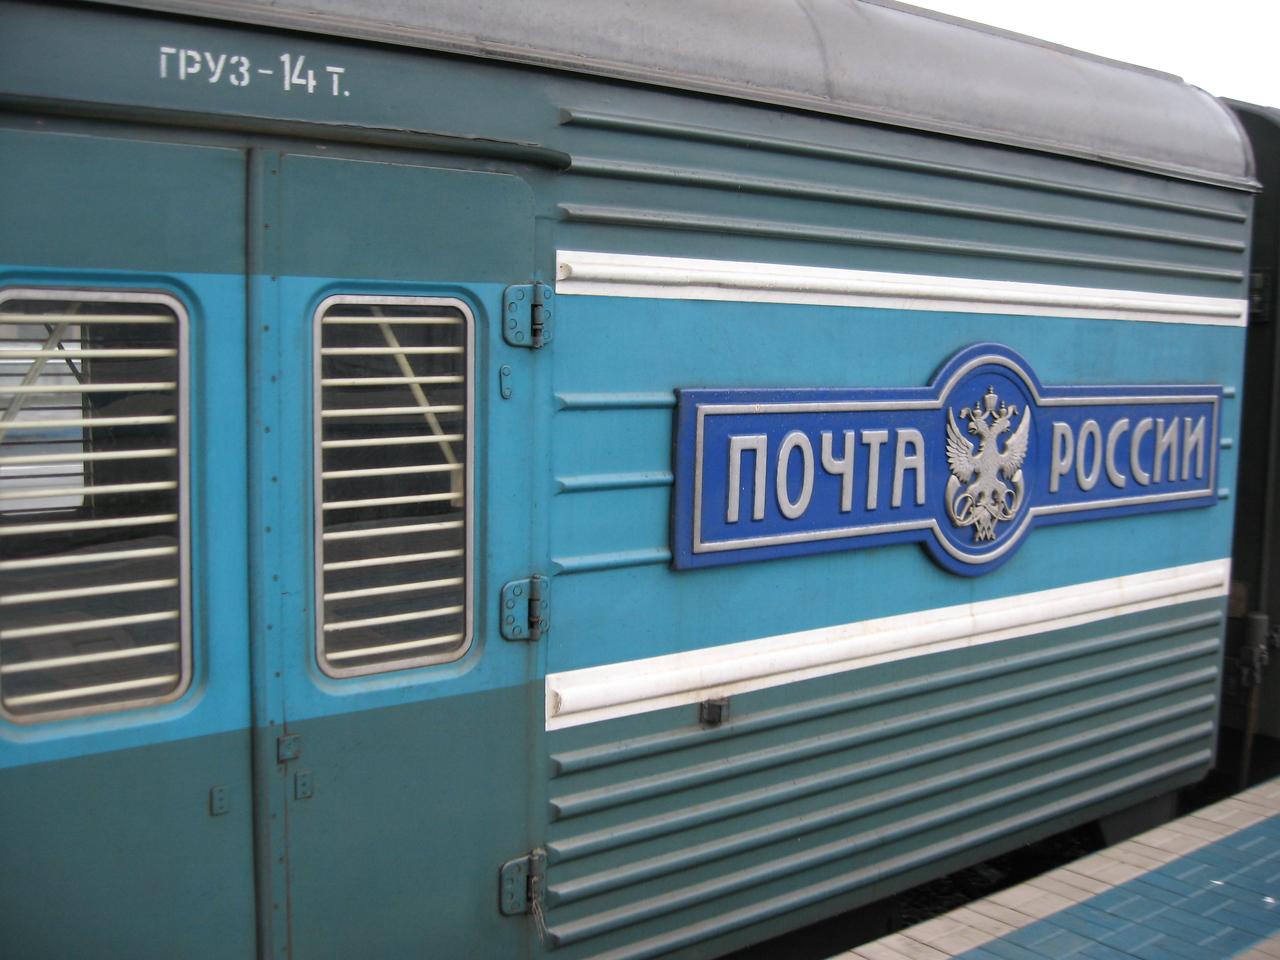 More train stuff...